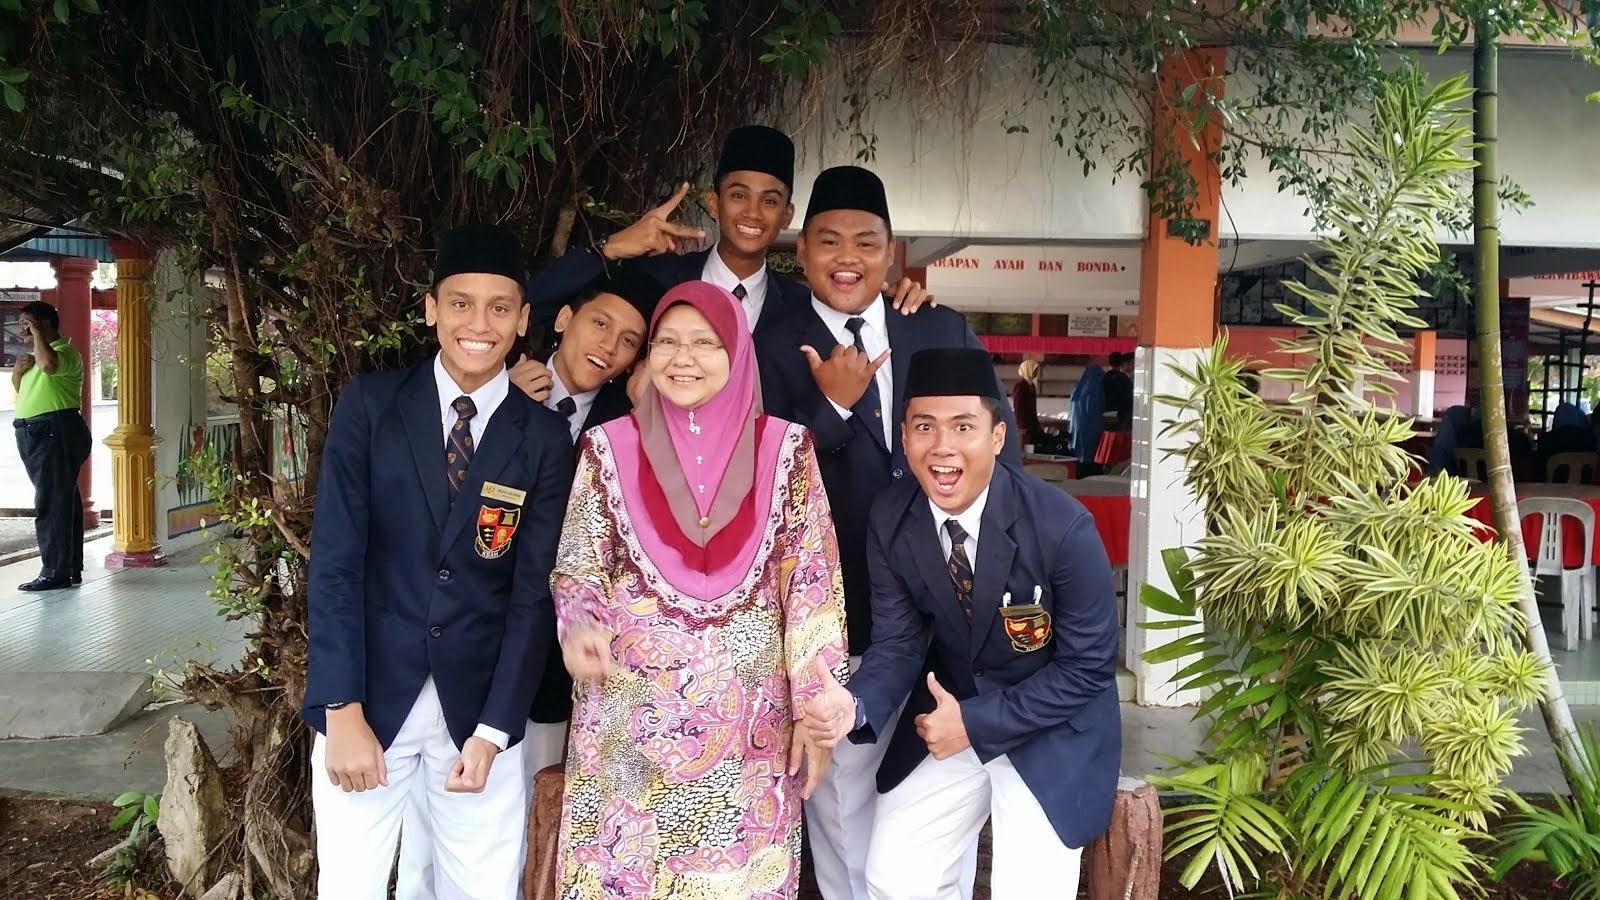 Johan Pertandingan Bahas Bahasa Melayu Ala Parlimen Peringkat Negeri Kedah